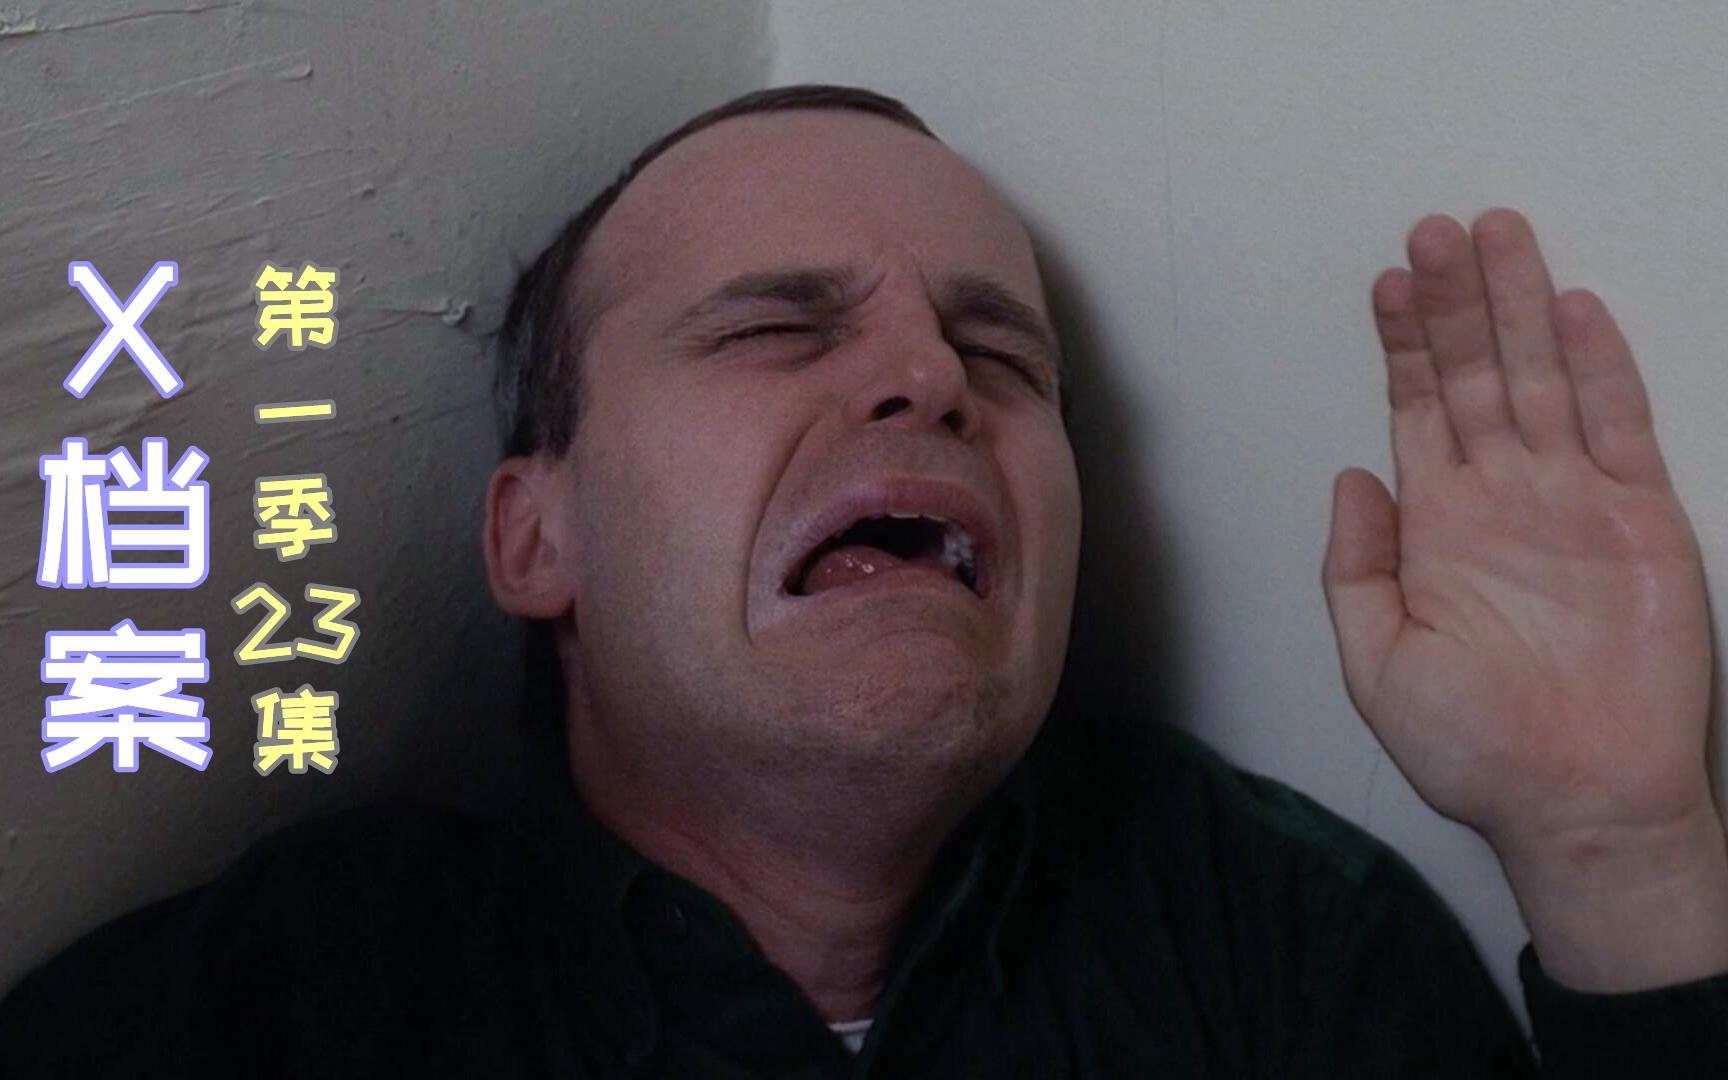 【奥雷】弱智青年被利用变成杀人工具 幕后真凶专挑专家和博士下手《X档案》第一季23